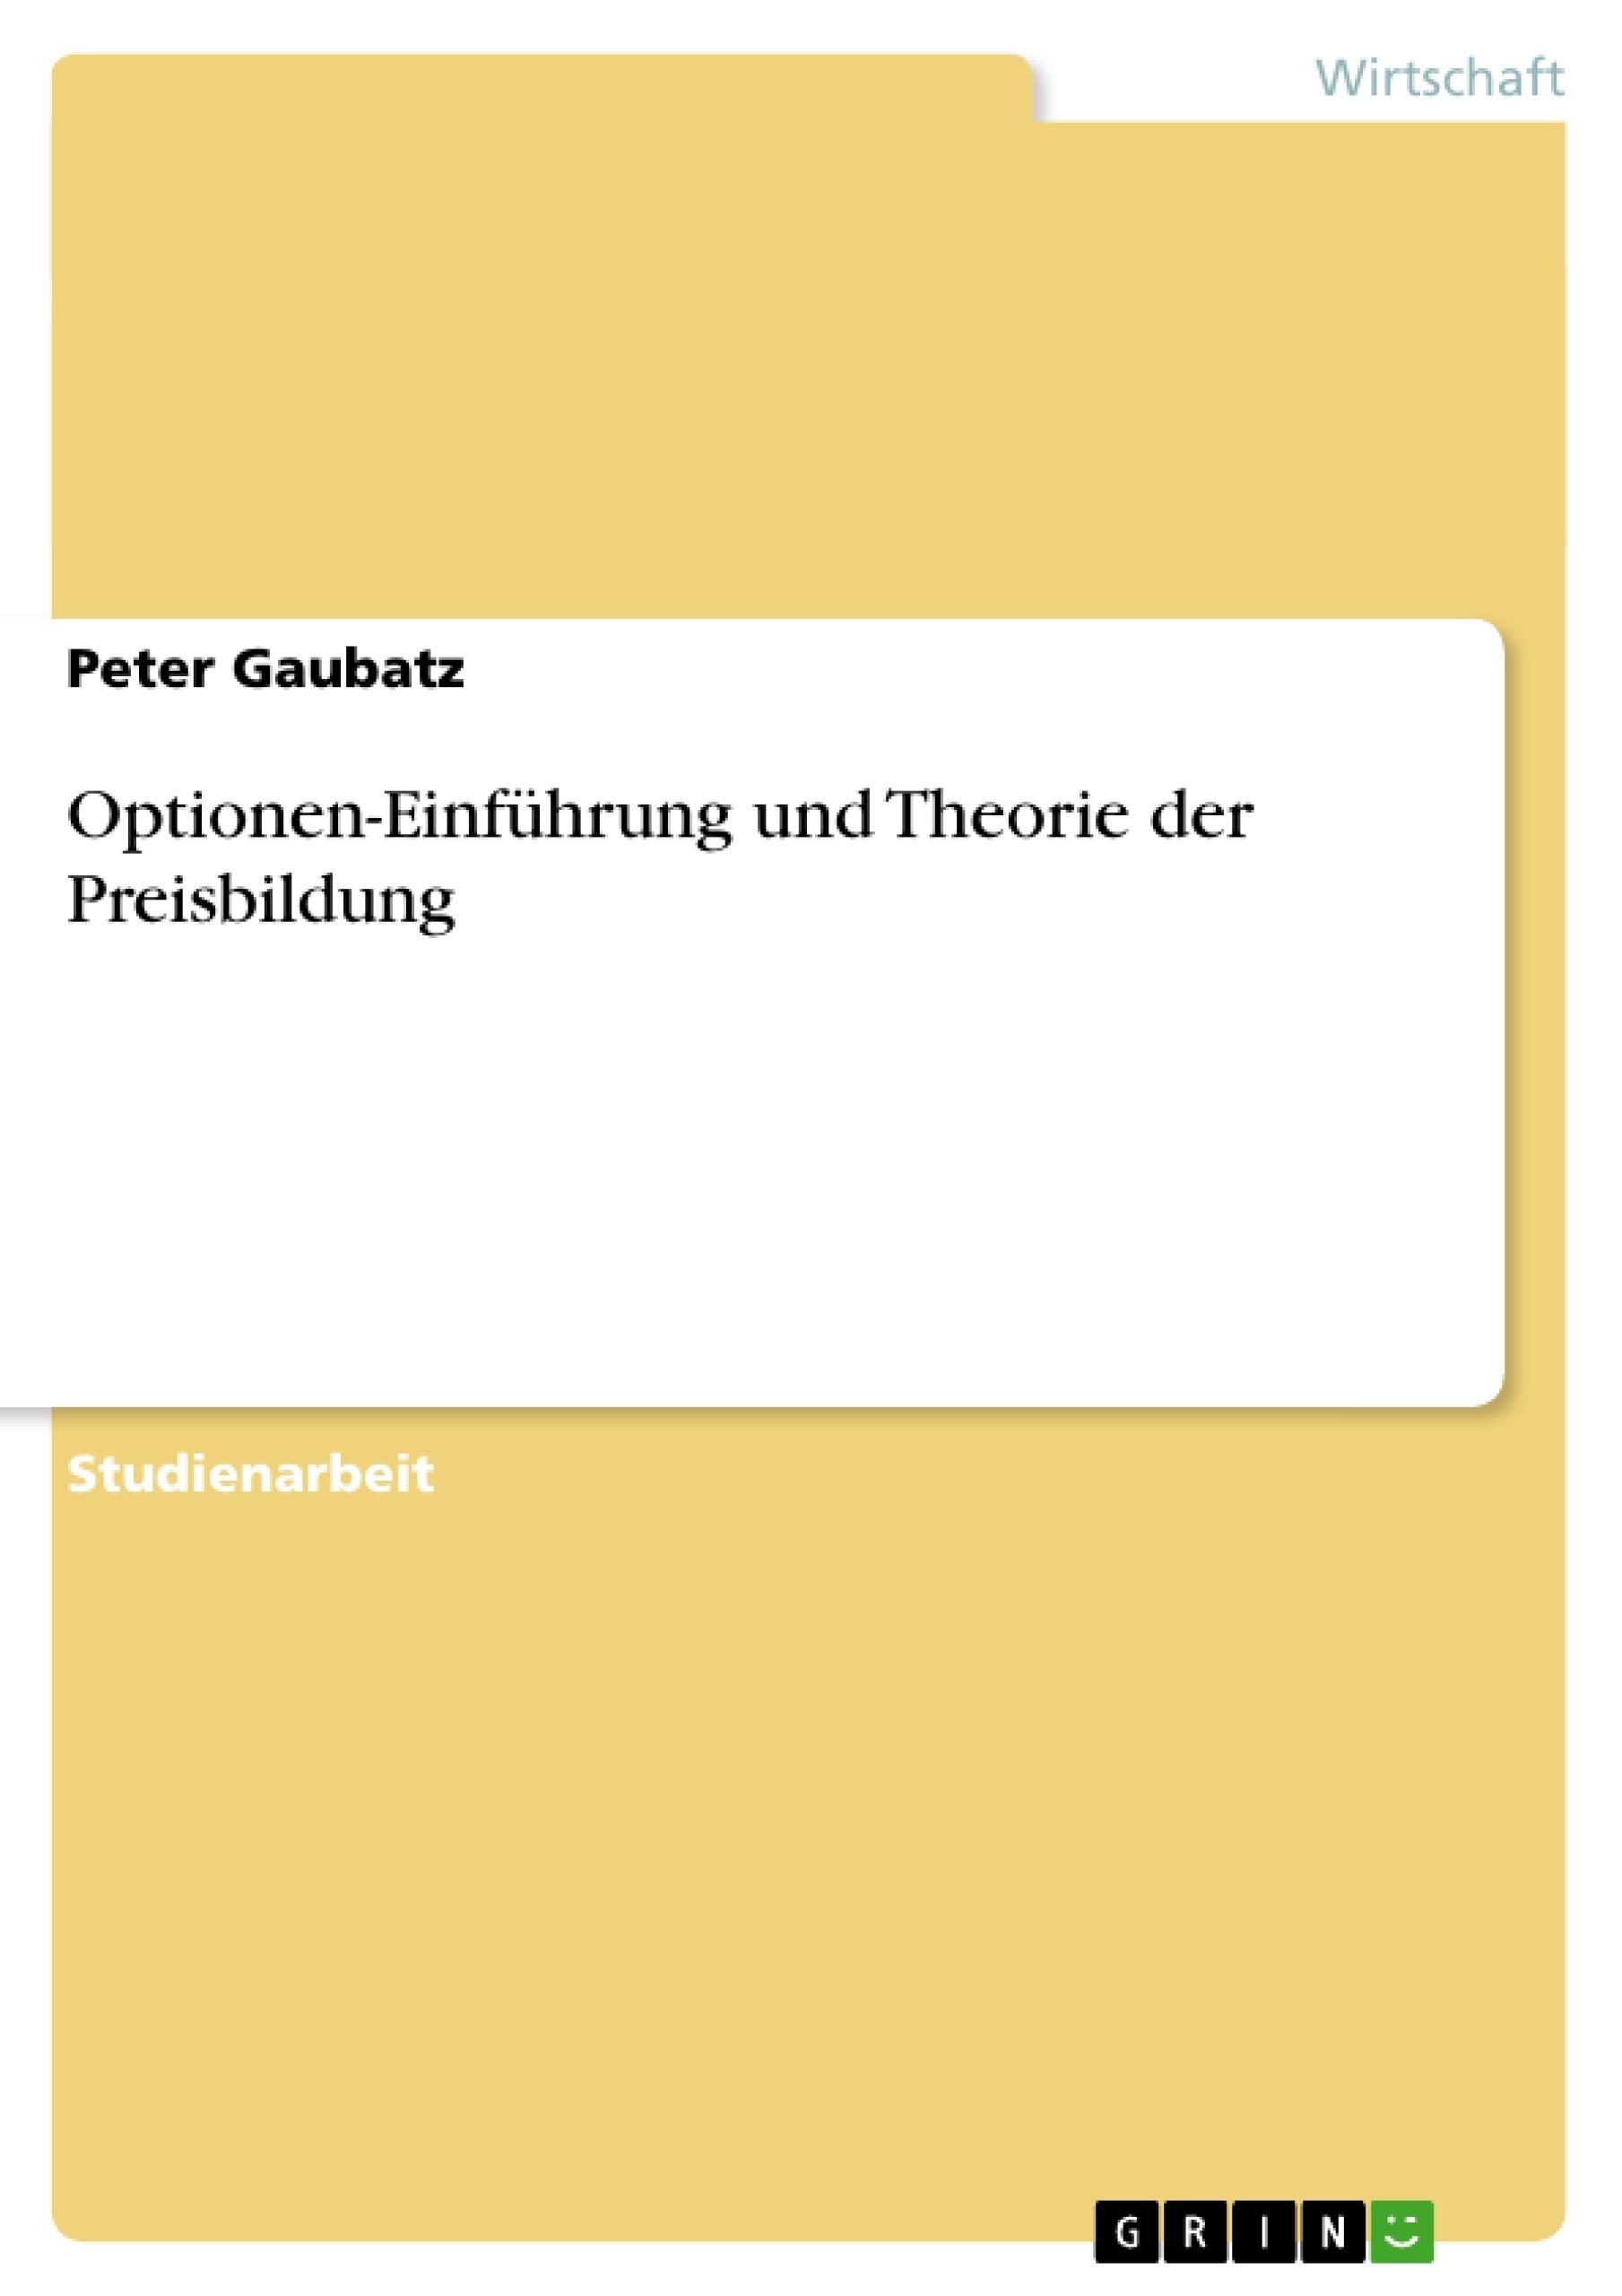 Titel: Optionen-Einführung und Theorie der Preisbildung